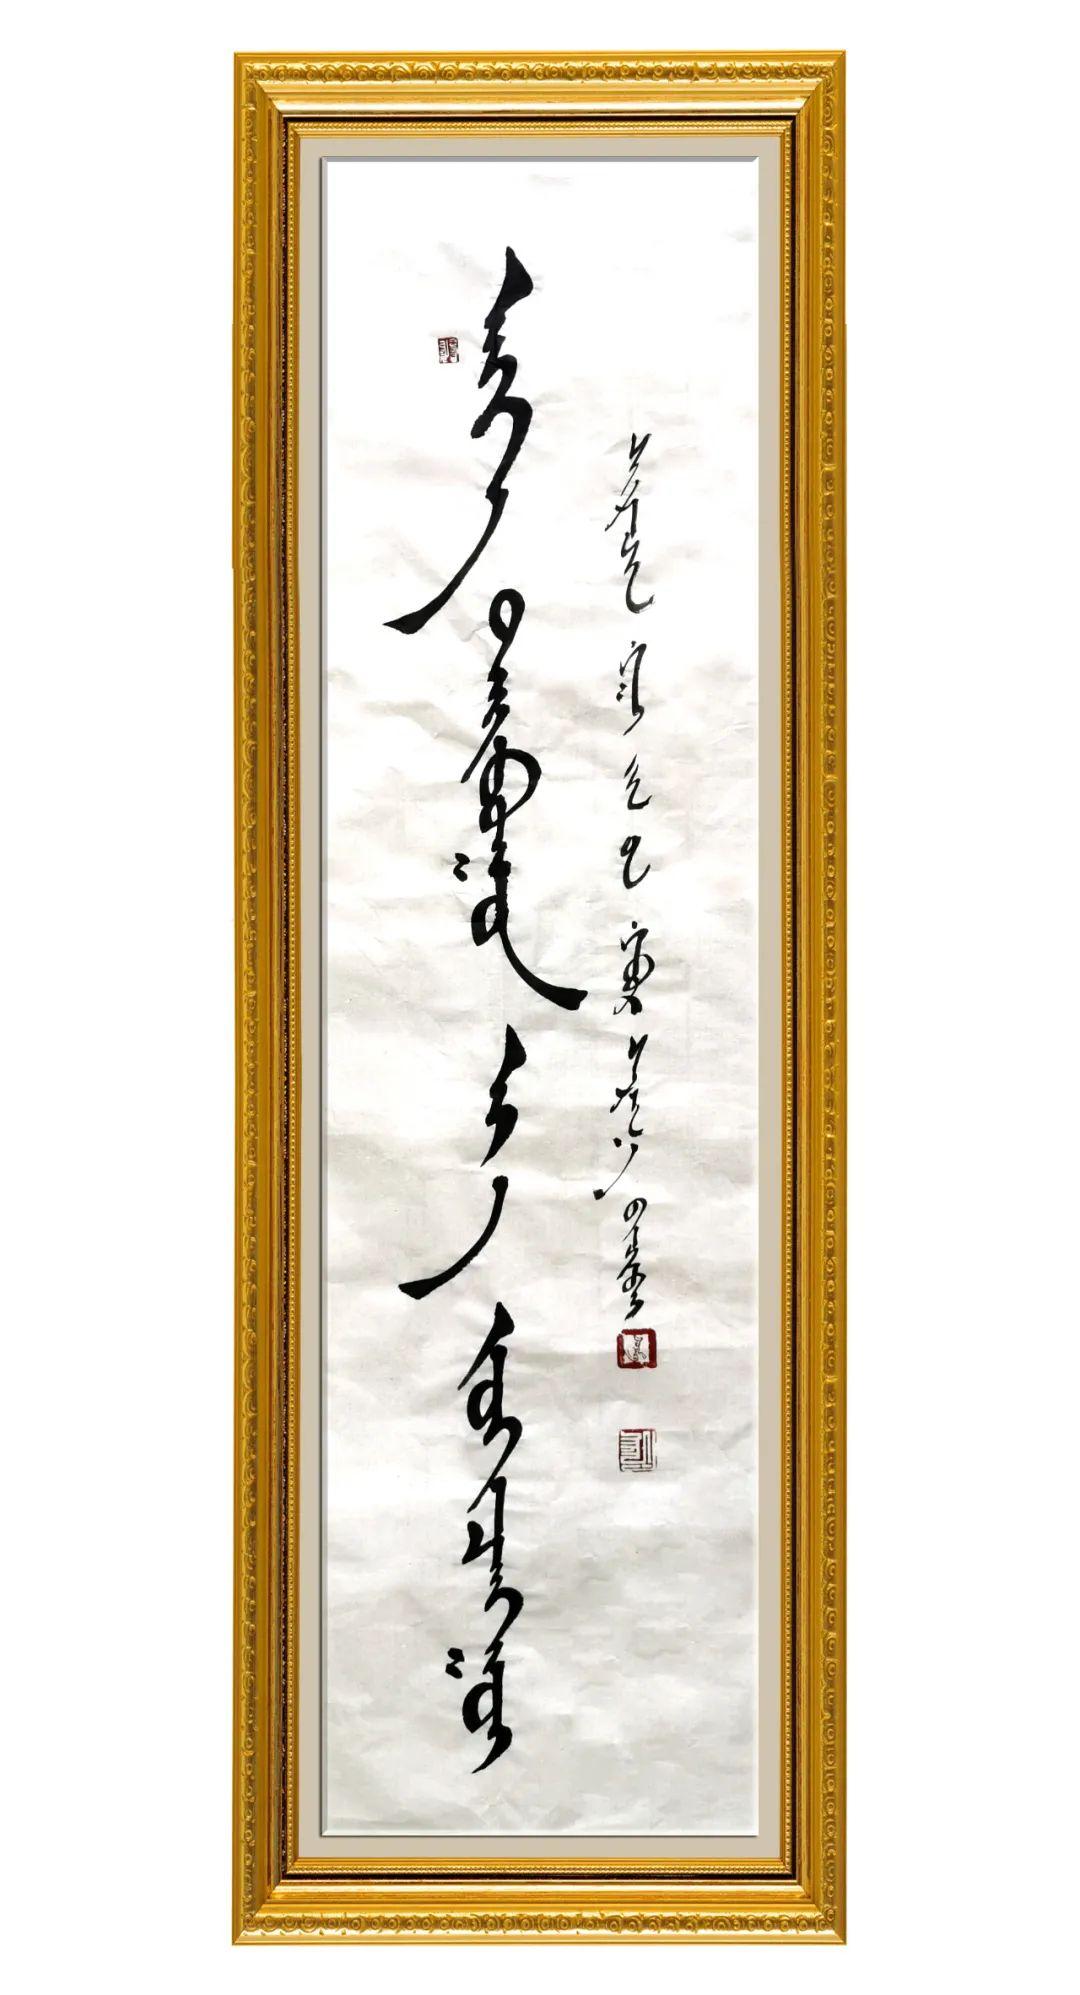 家乡美 | 萨日娜书法作品欣赏 第11张 家乡美 | 萨日娜书法作品欣赏 蒙古书法